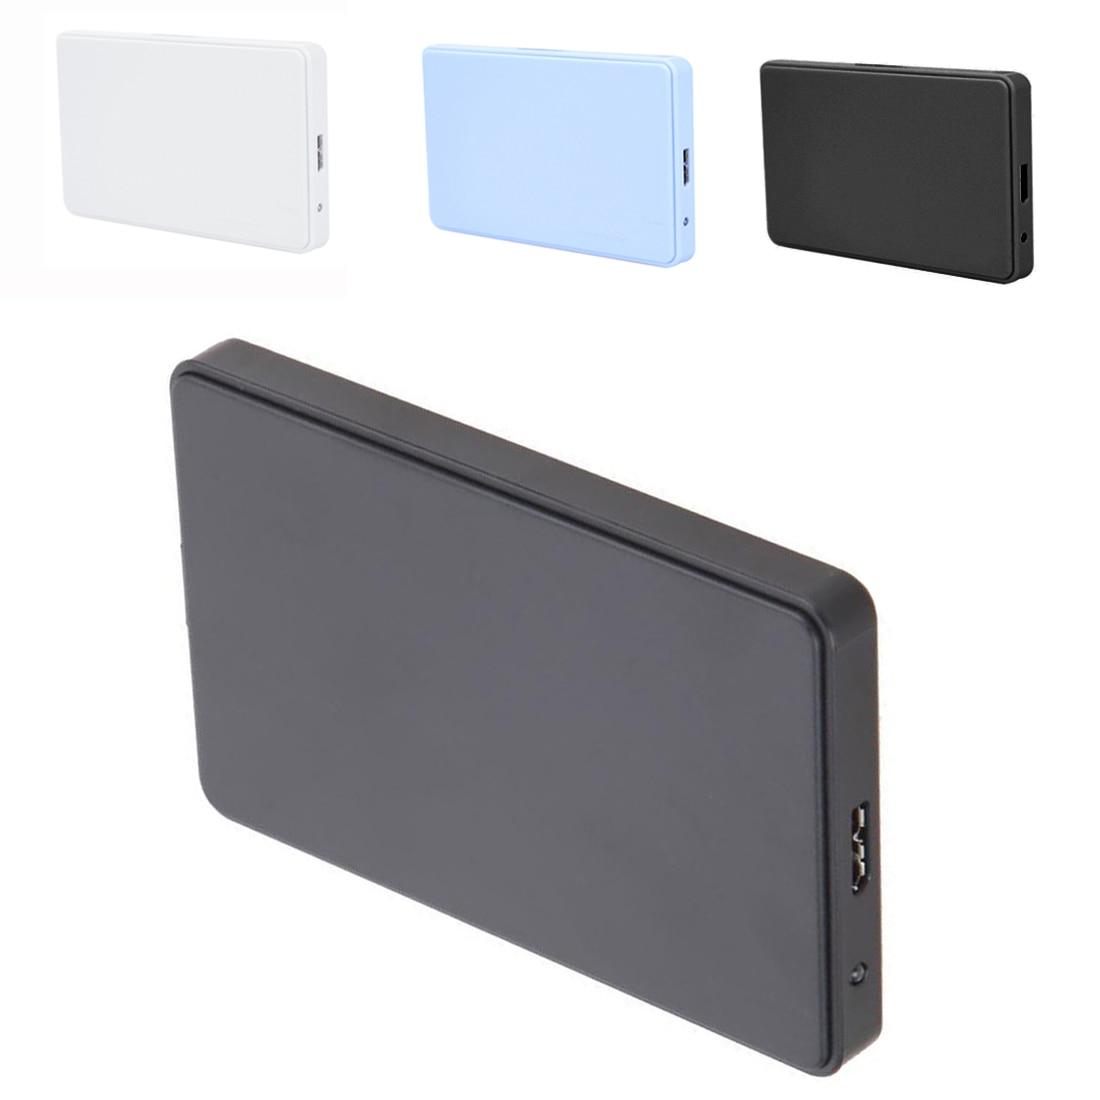 New 3 color 2 5 usb 3 0 sata hd box hdd hard drive - Colore case esterno ...